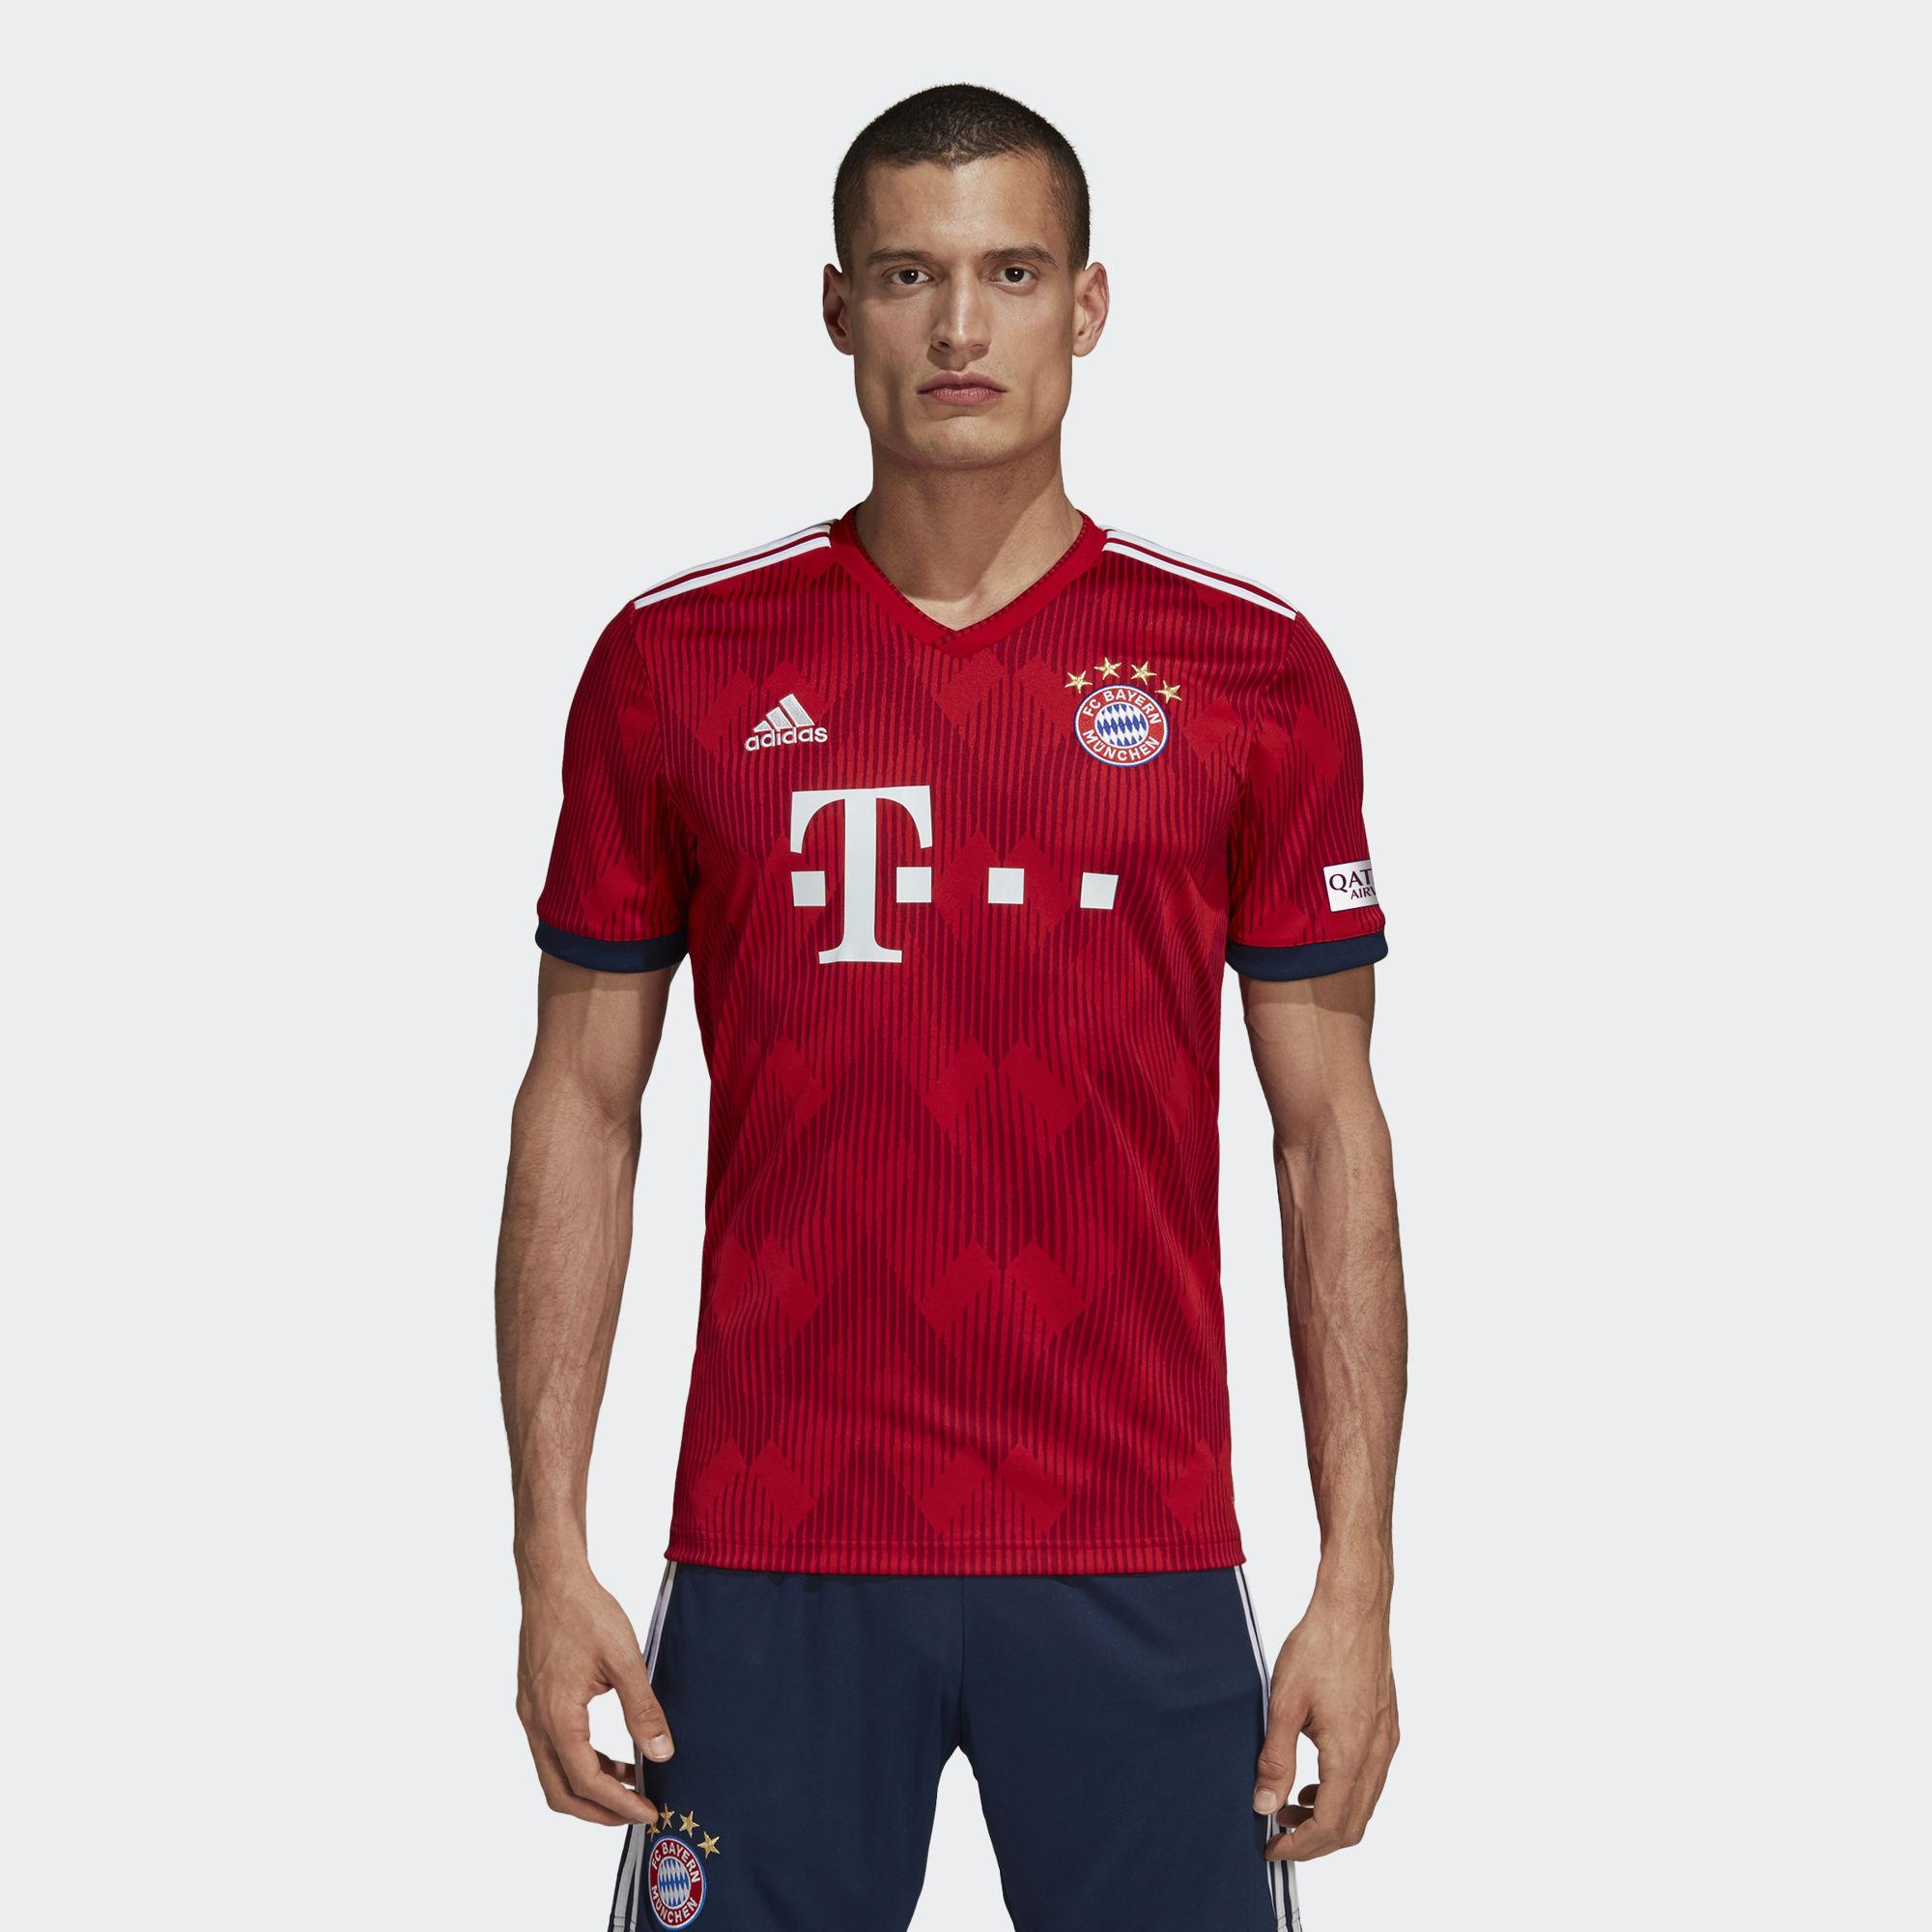 bayern munich new jersey 2019